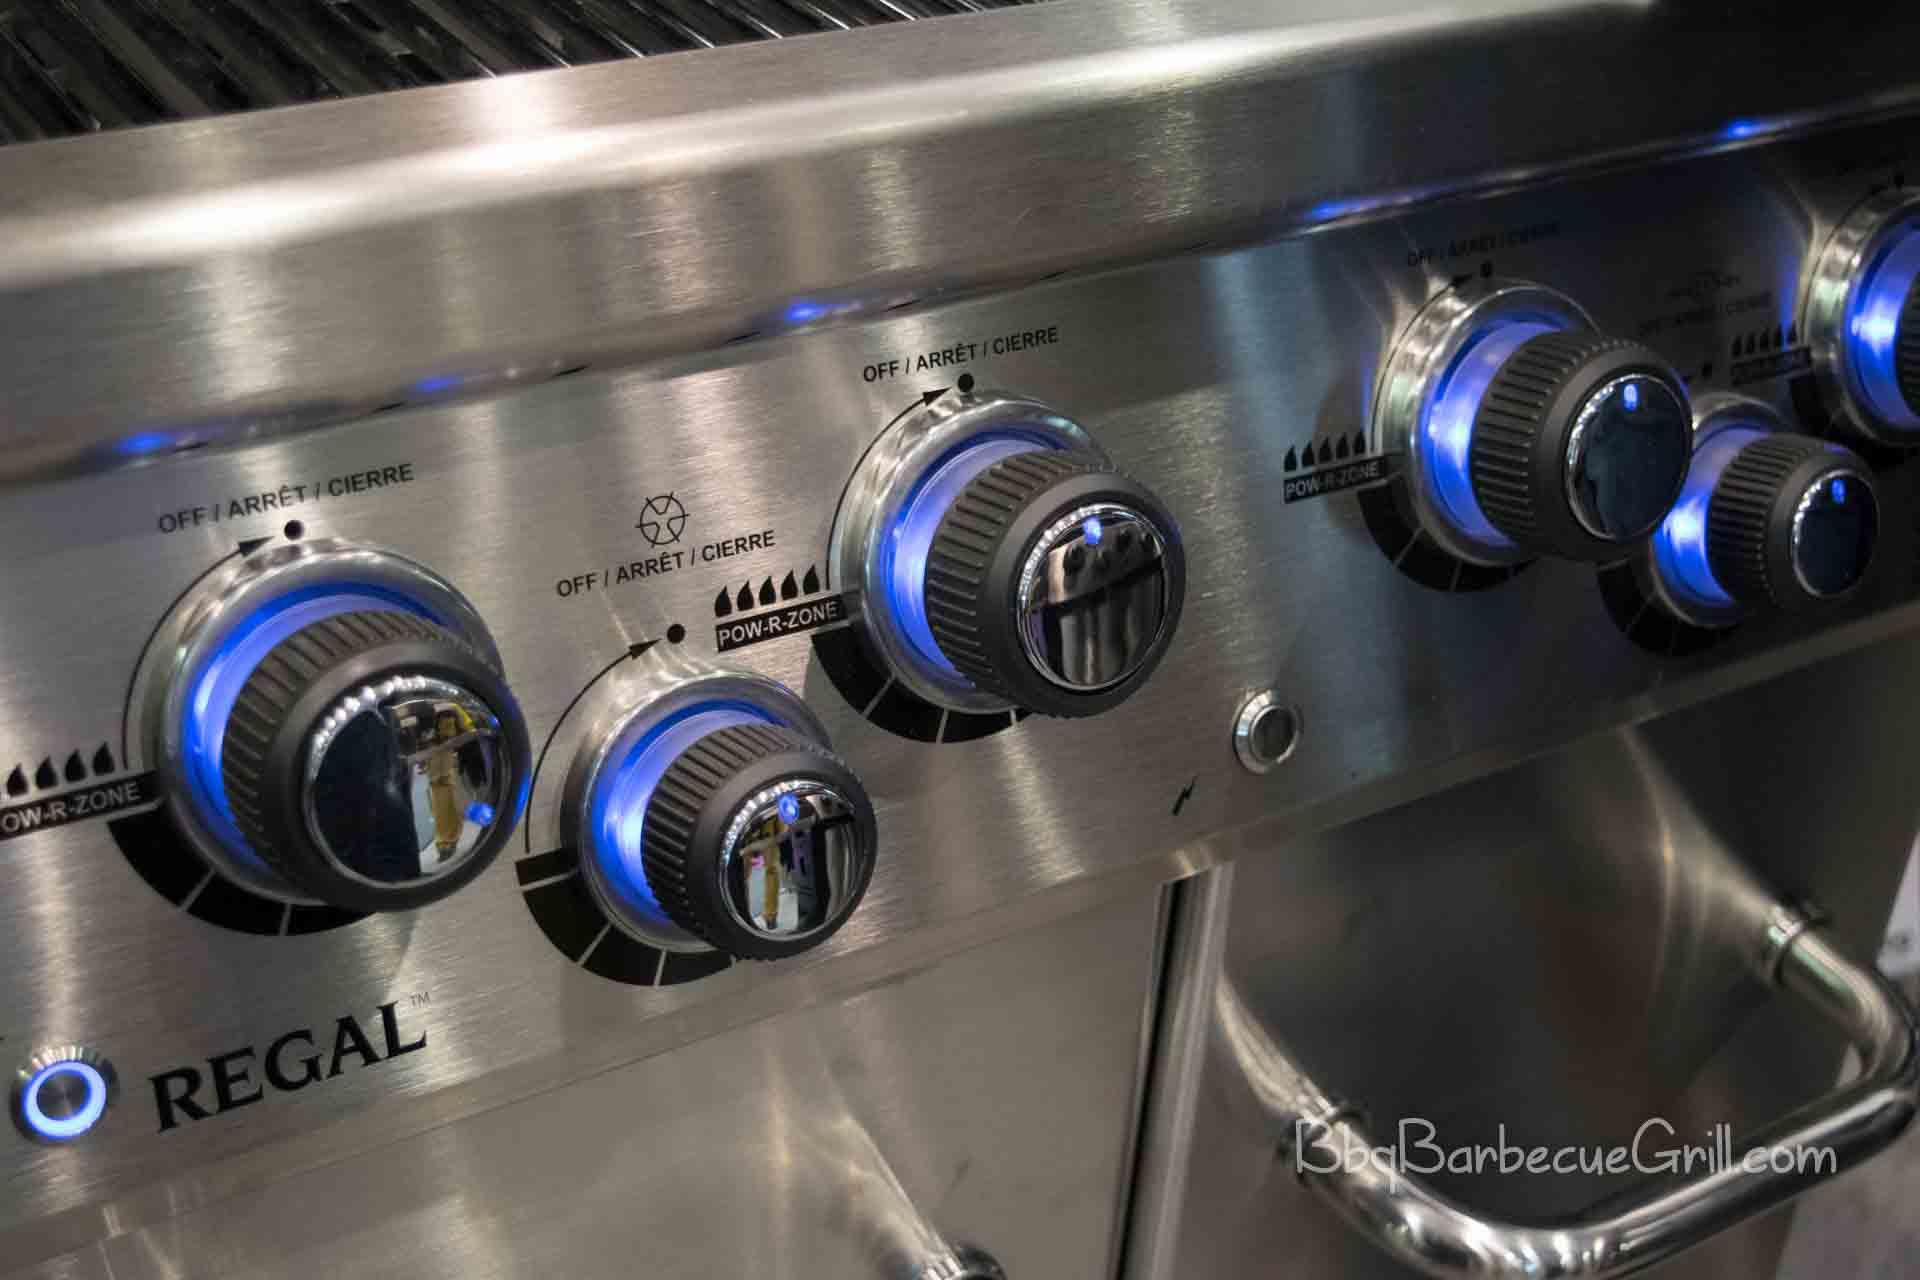 Hybrid grill